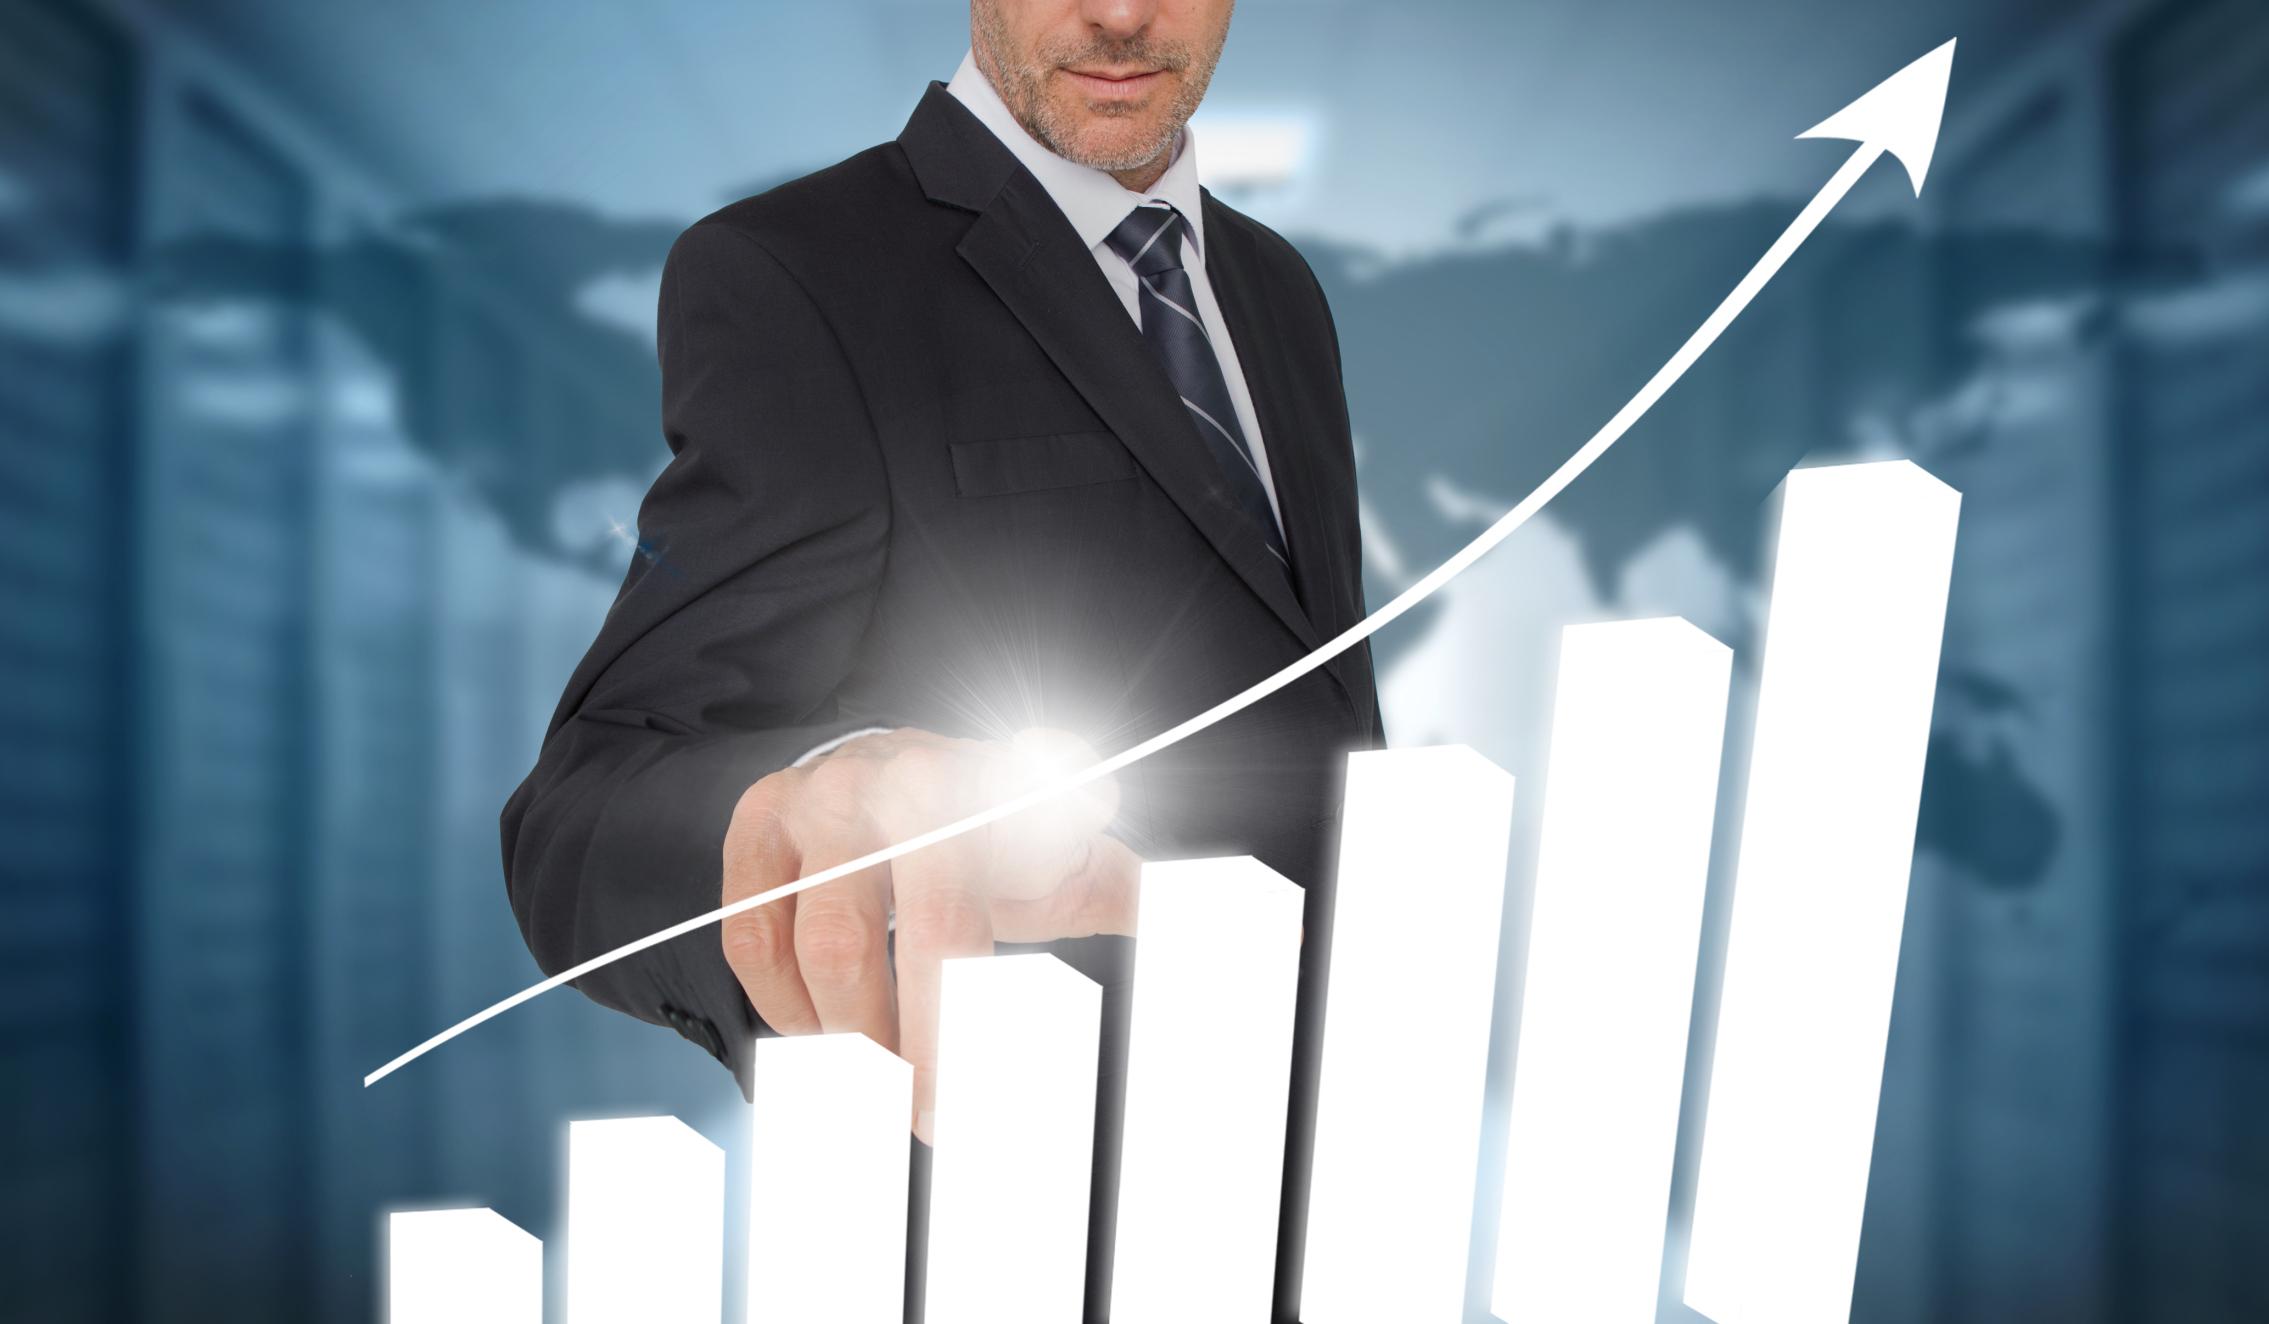 representante comercial deve ter foco em crescimento